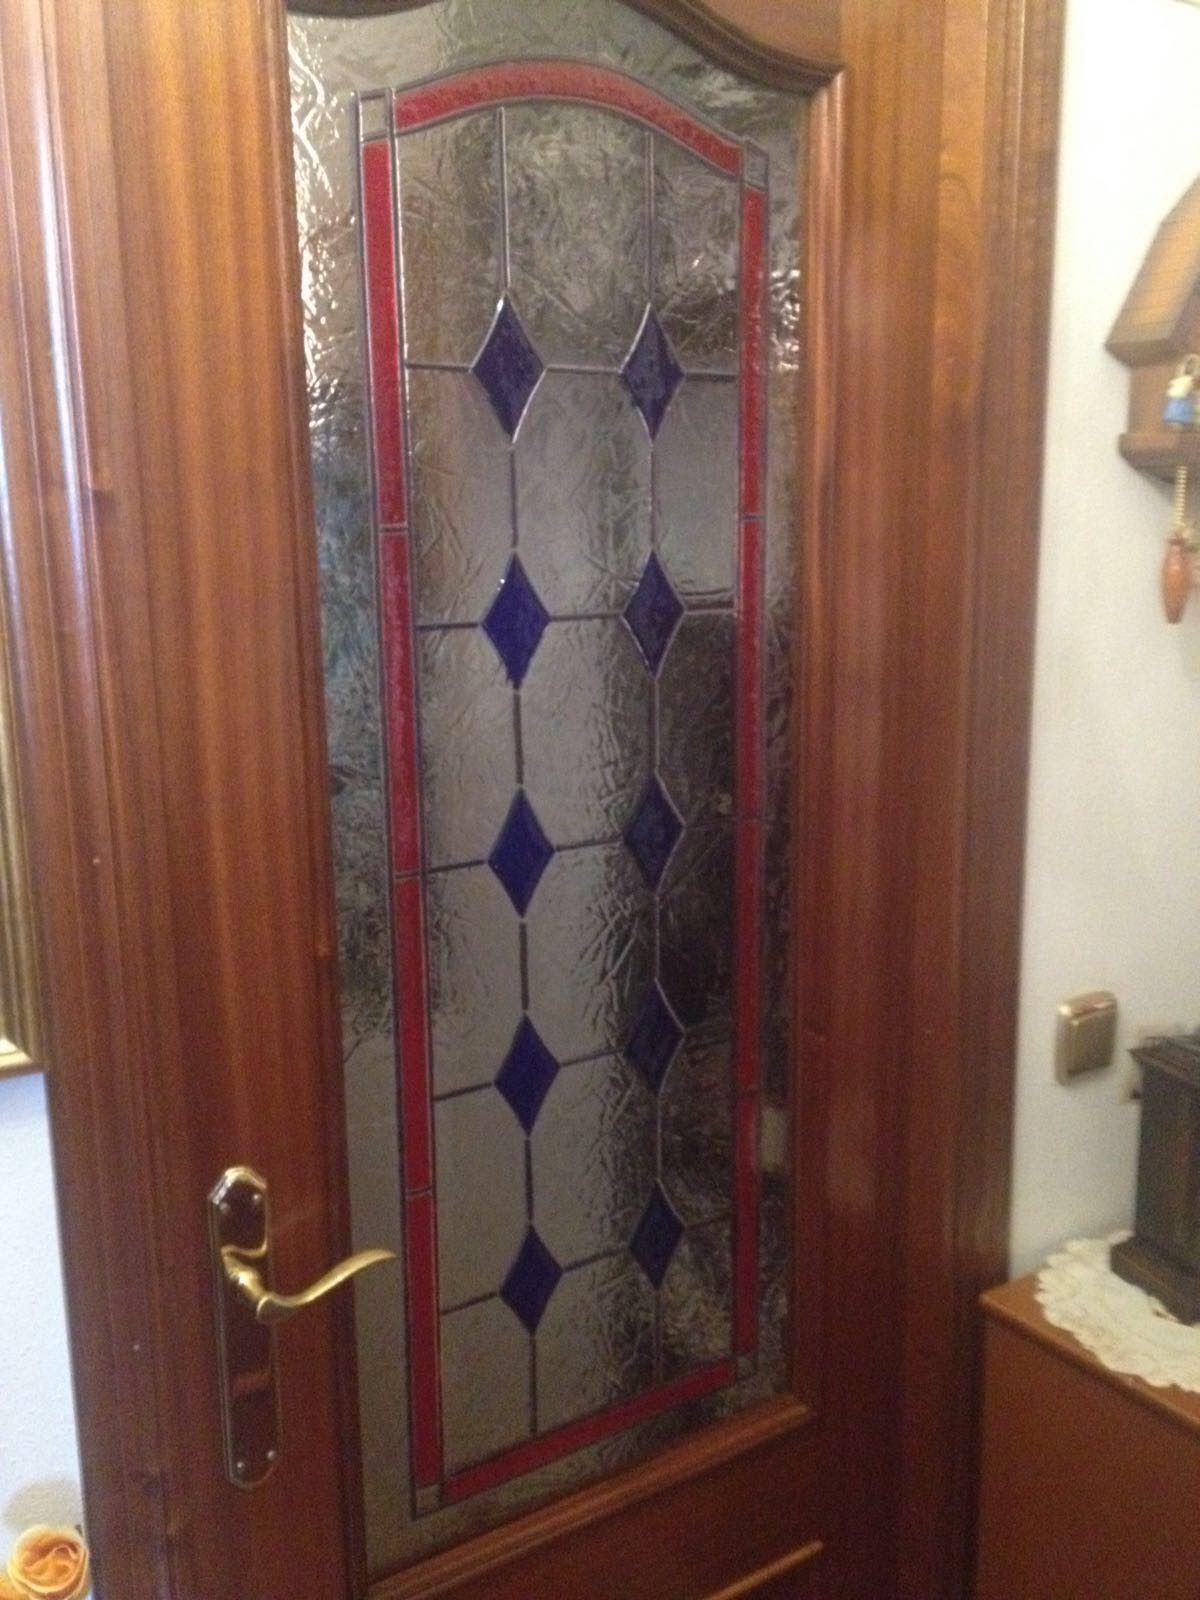 Instalación de cristal decorativo en puertas en Gijón